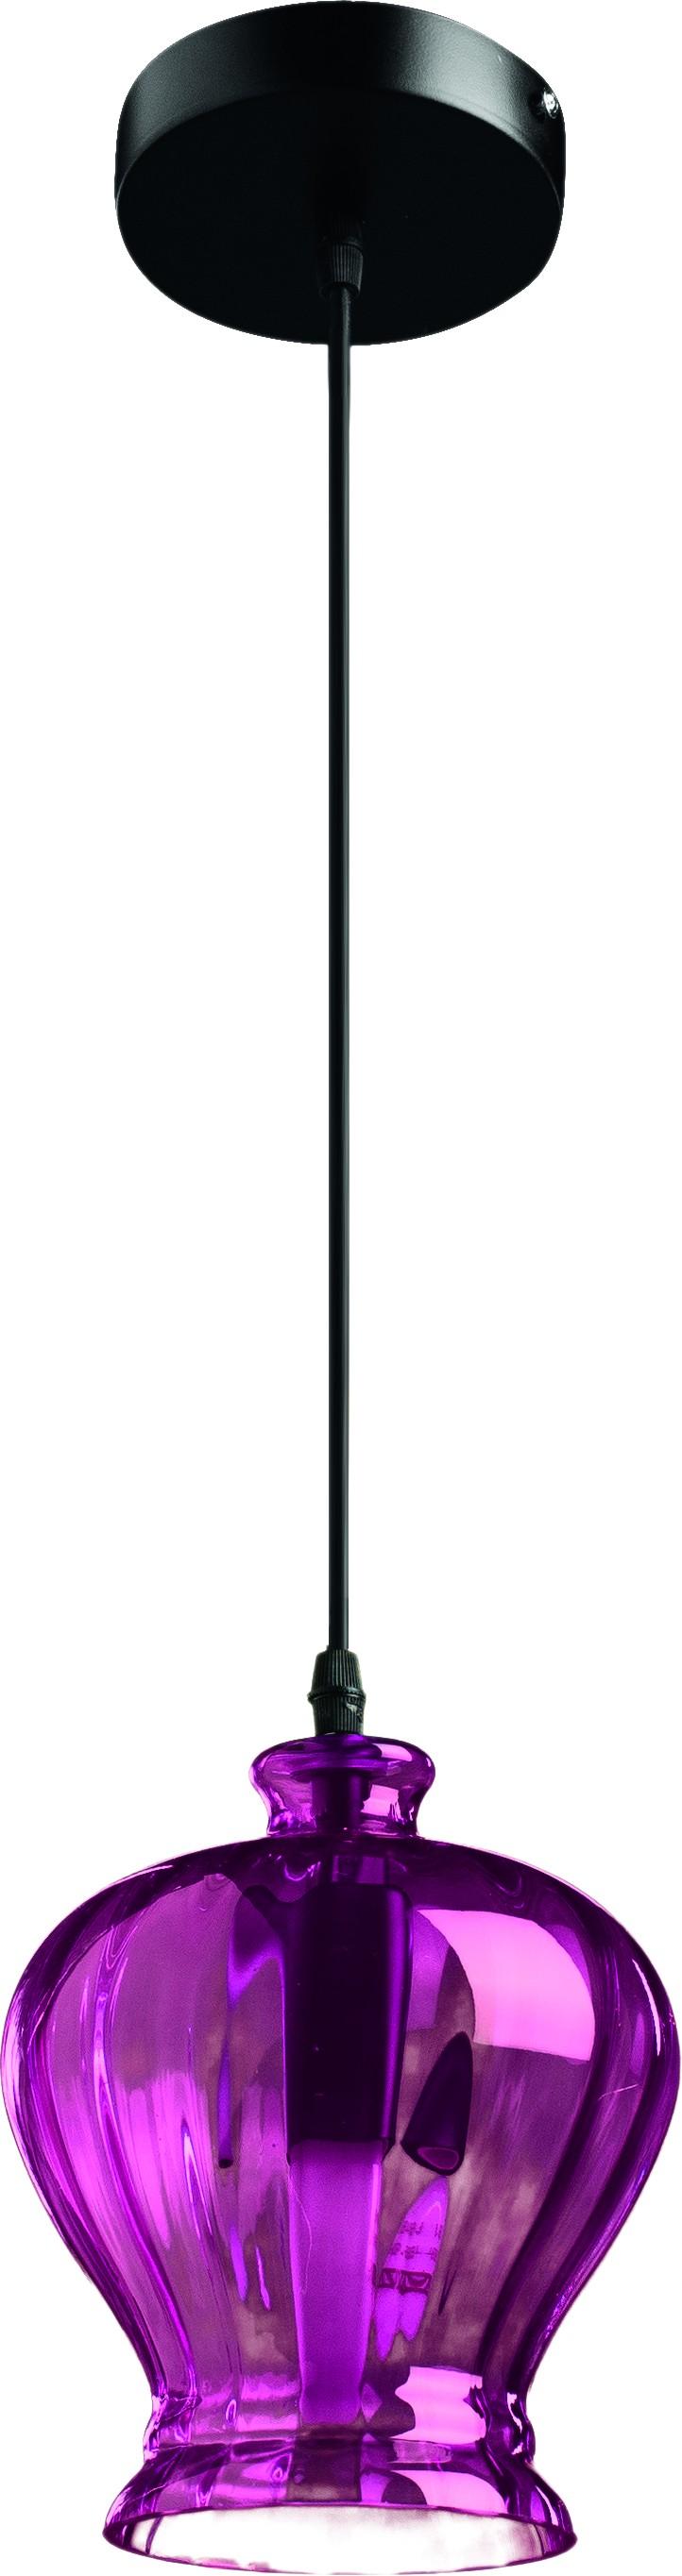 Светильник подвесной Arte lamp A8127sp-1mg arte lamp подвесной светильник arte lamp 25 a8127sp 1mg